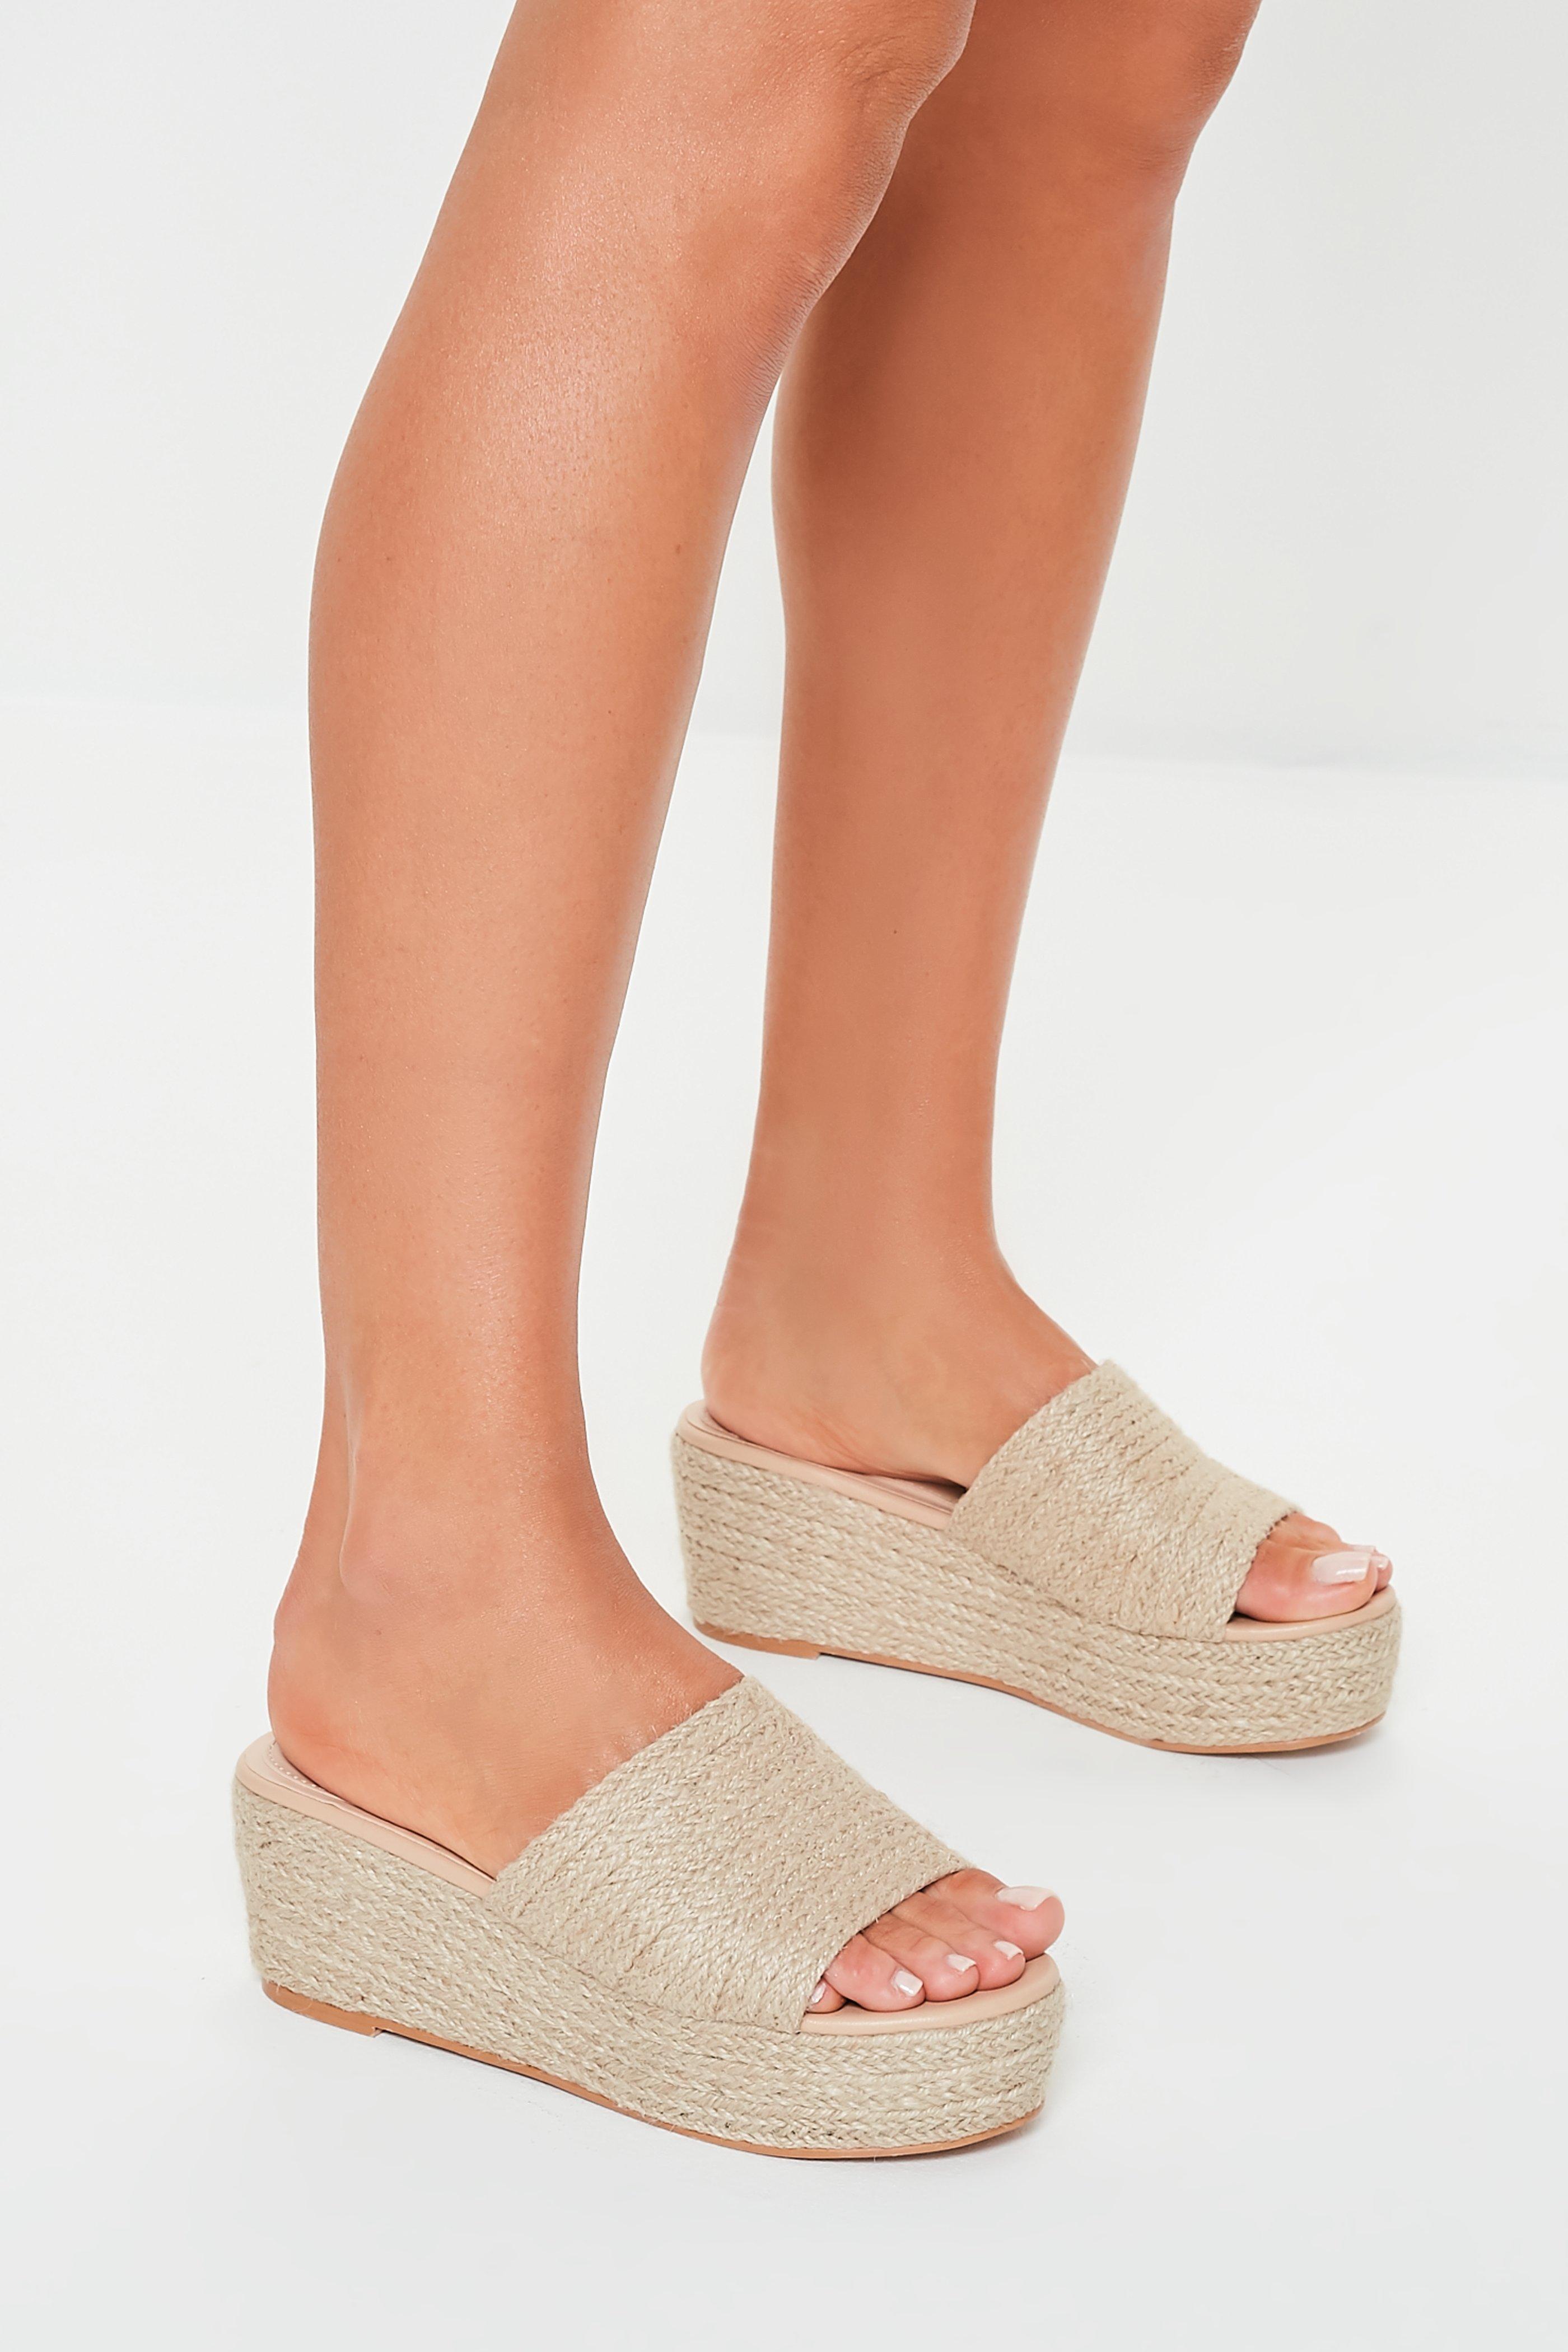 770ef02226ea Shoes